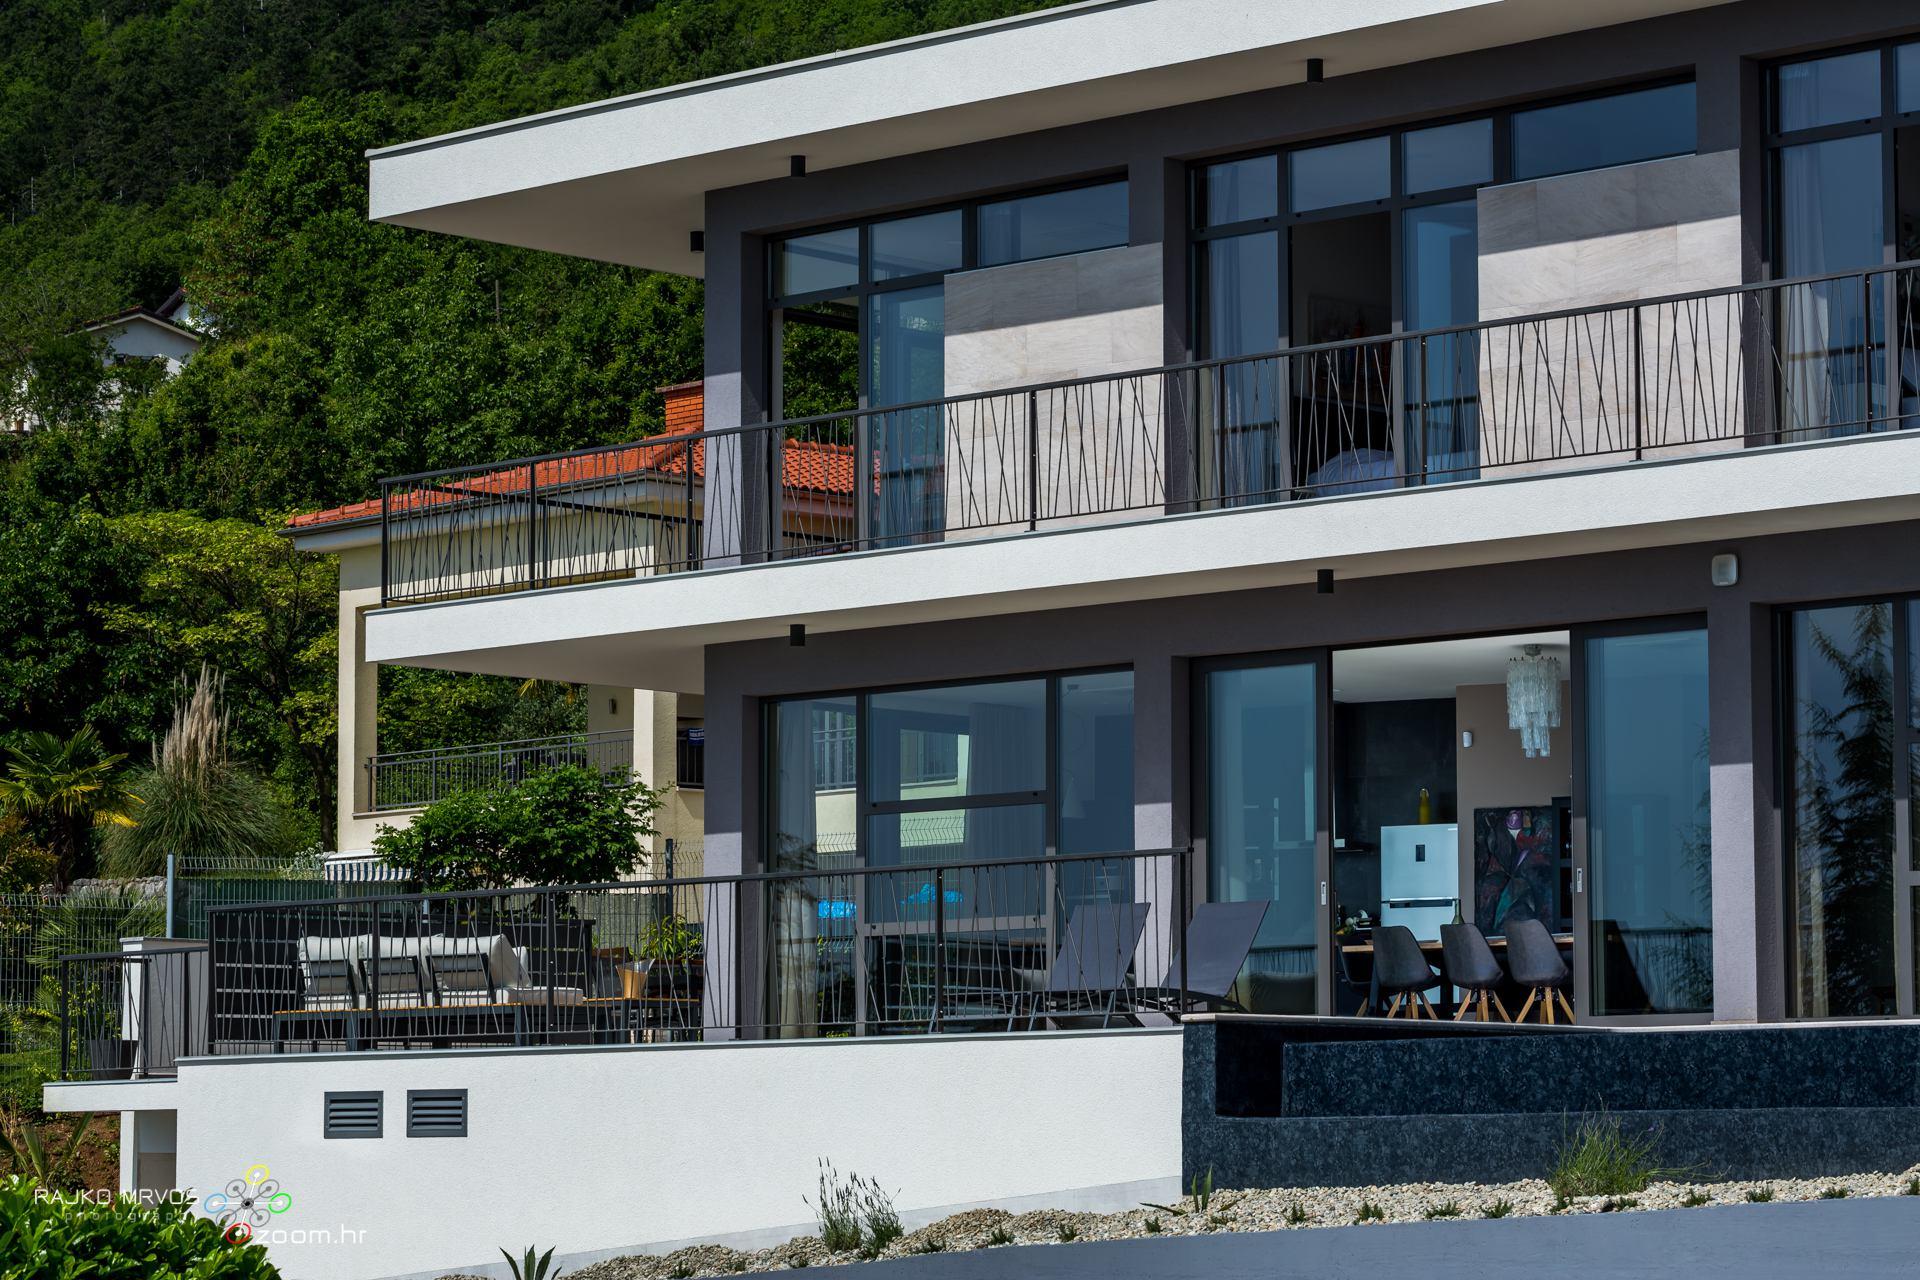 profesionalno-fotografiranje-vila-kuca-apartmana-fotograf-villa-The-View-Opatija-30